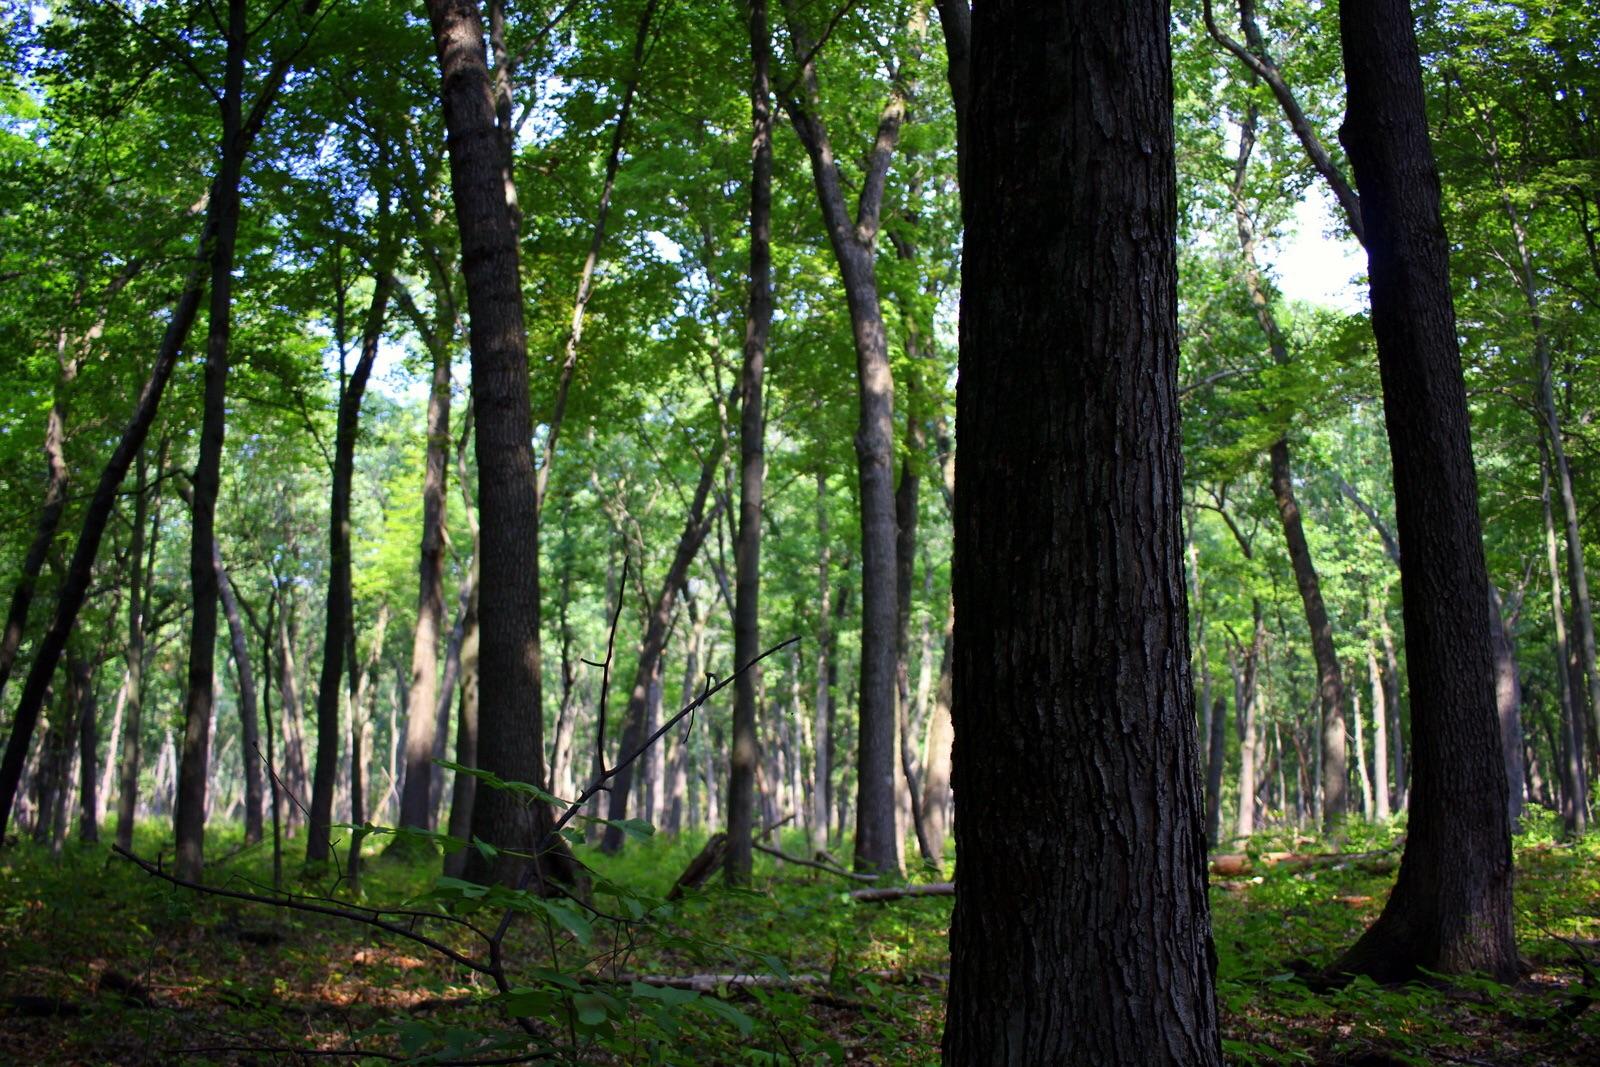 Oaks in the oak savanna.